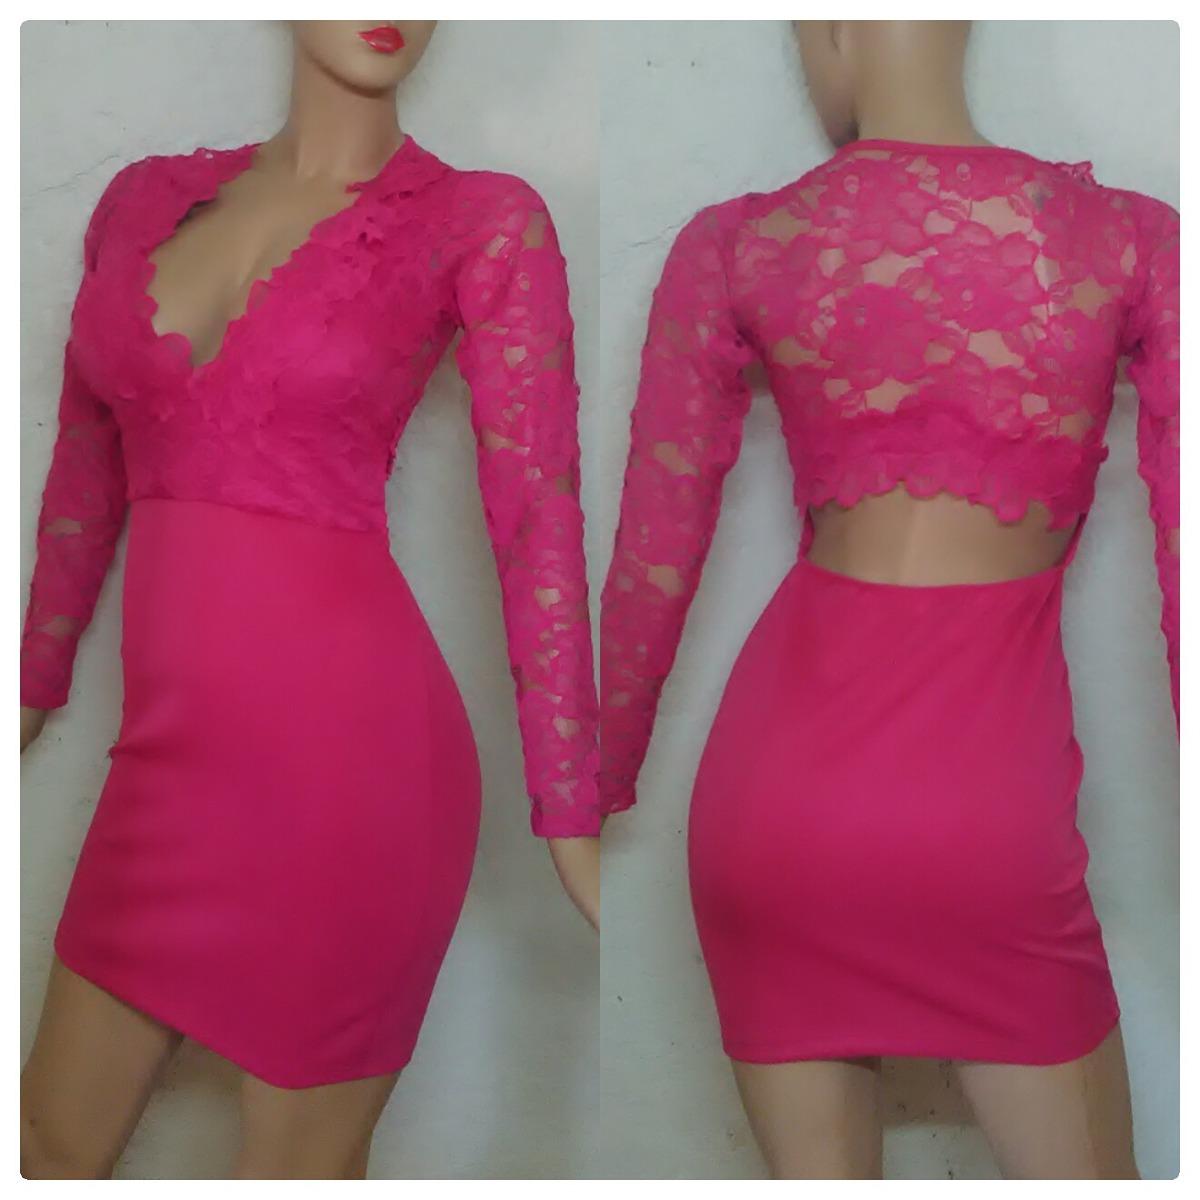 Vestidos De Encajes Para Damas - Bs. 29.000.000,00 en Mercado Libre